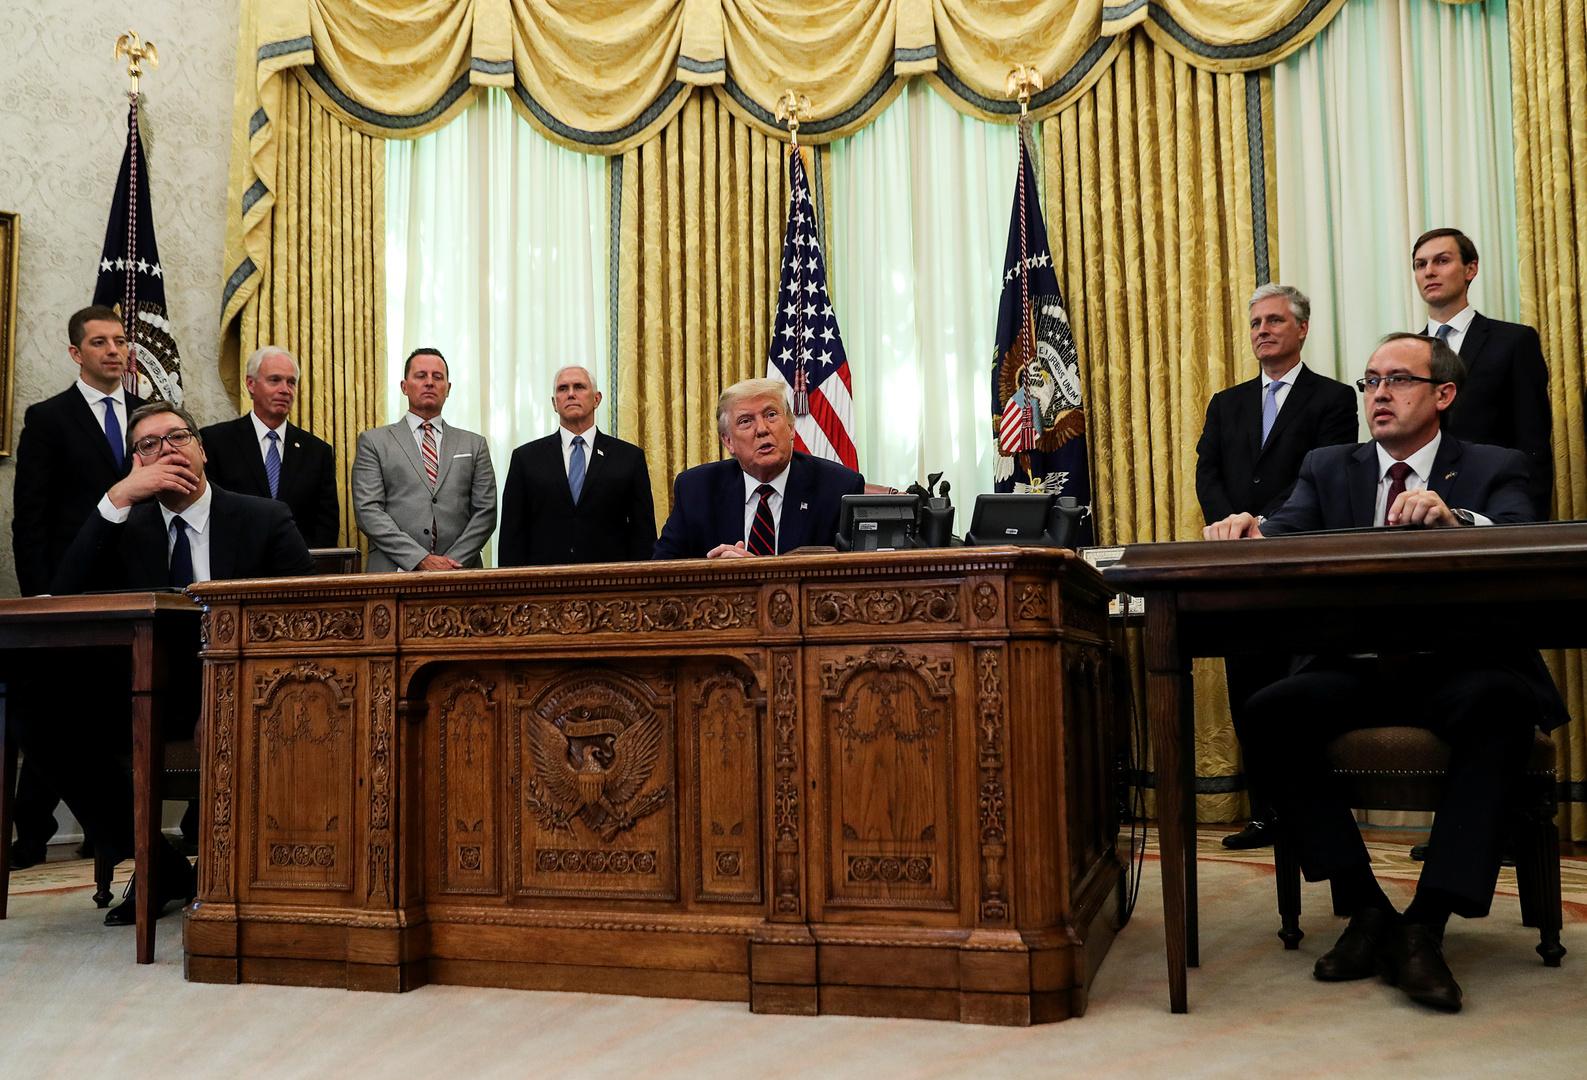 الرئيس الأمريكي دونالد ترامب يستقبل نظيره الصربي ألكسندر فوتشيتش ورئيس حكومة كوسوفو عبد الله هوتي في البيت الأبيض